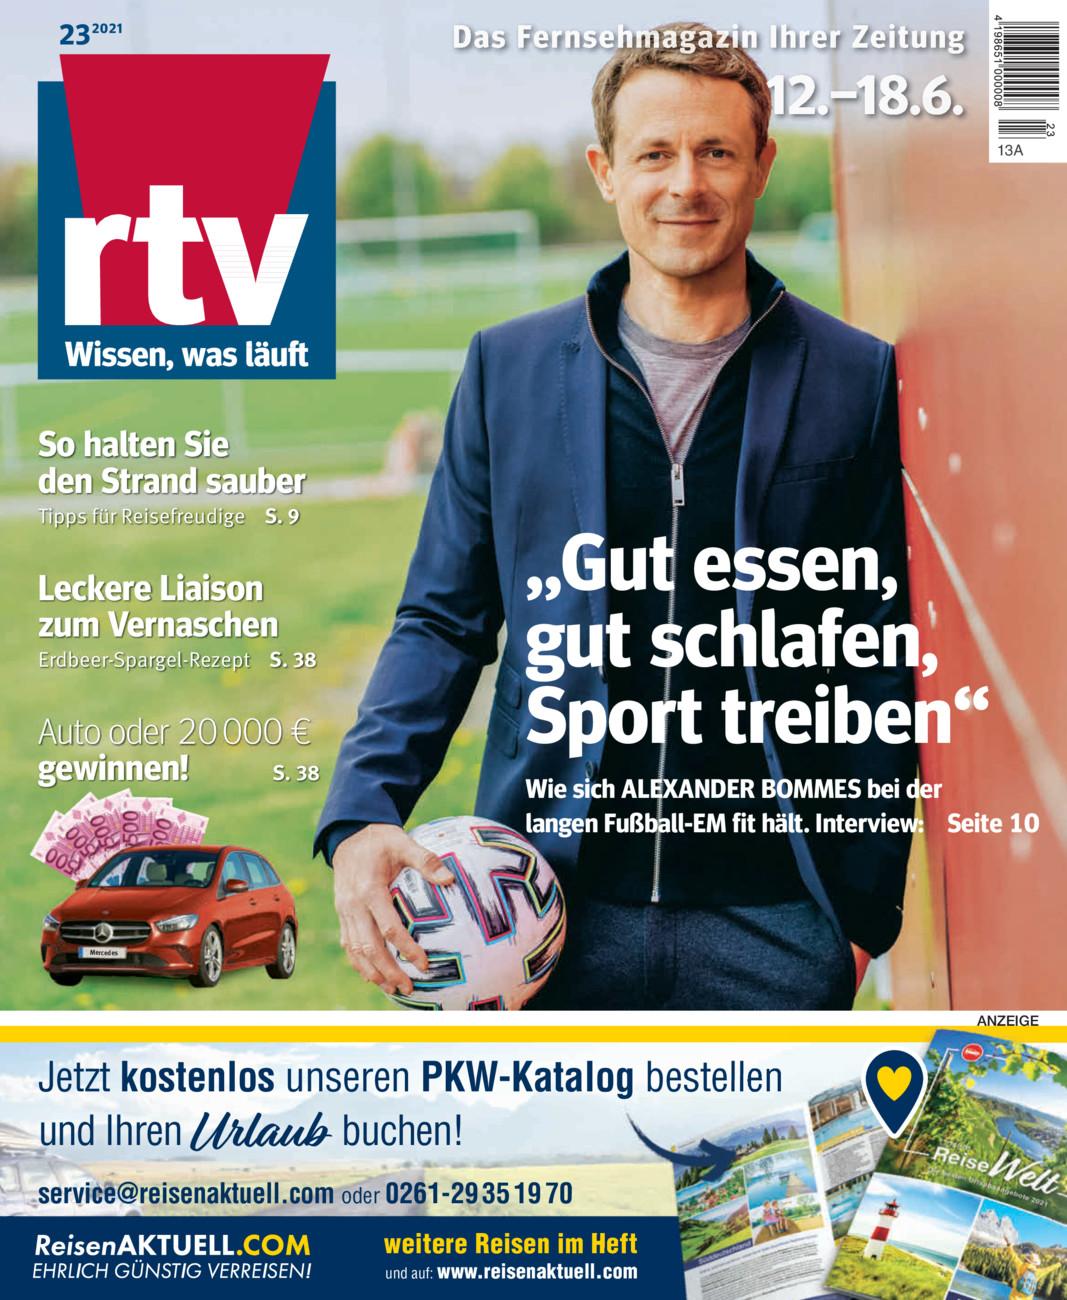 RTV KW23 vom Freitag, 11.06.2021